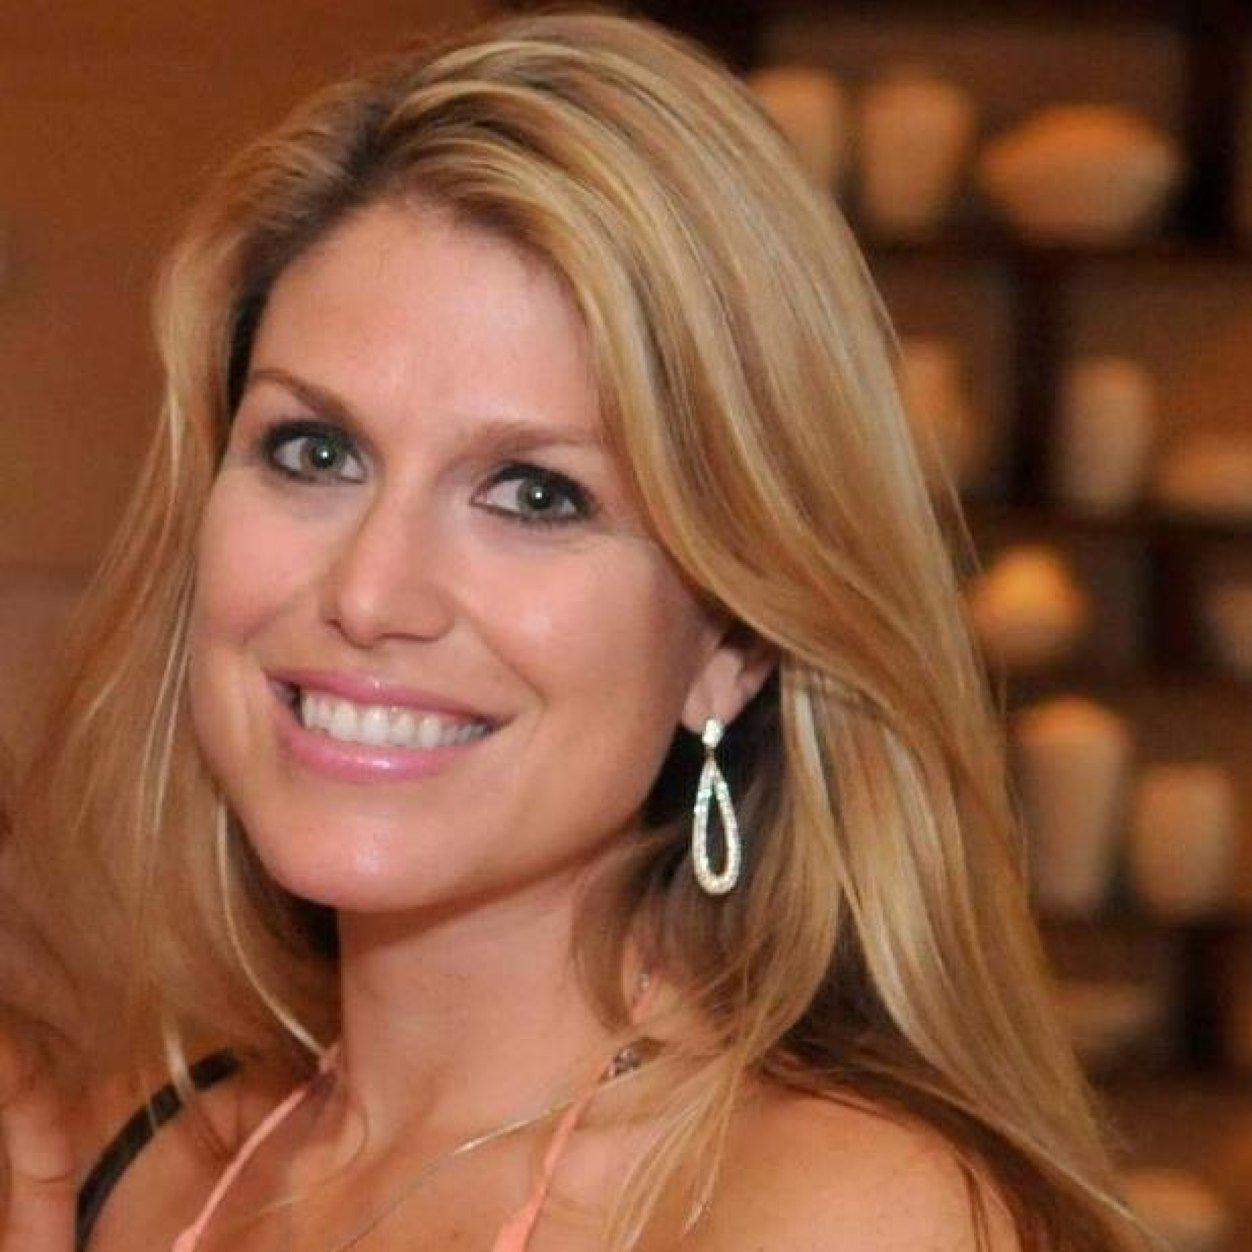 Tiffany Rosen